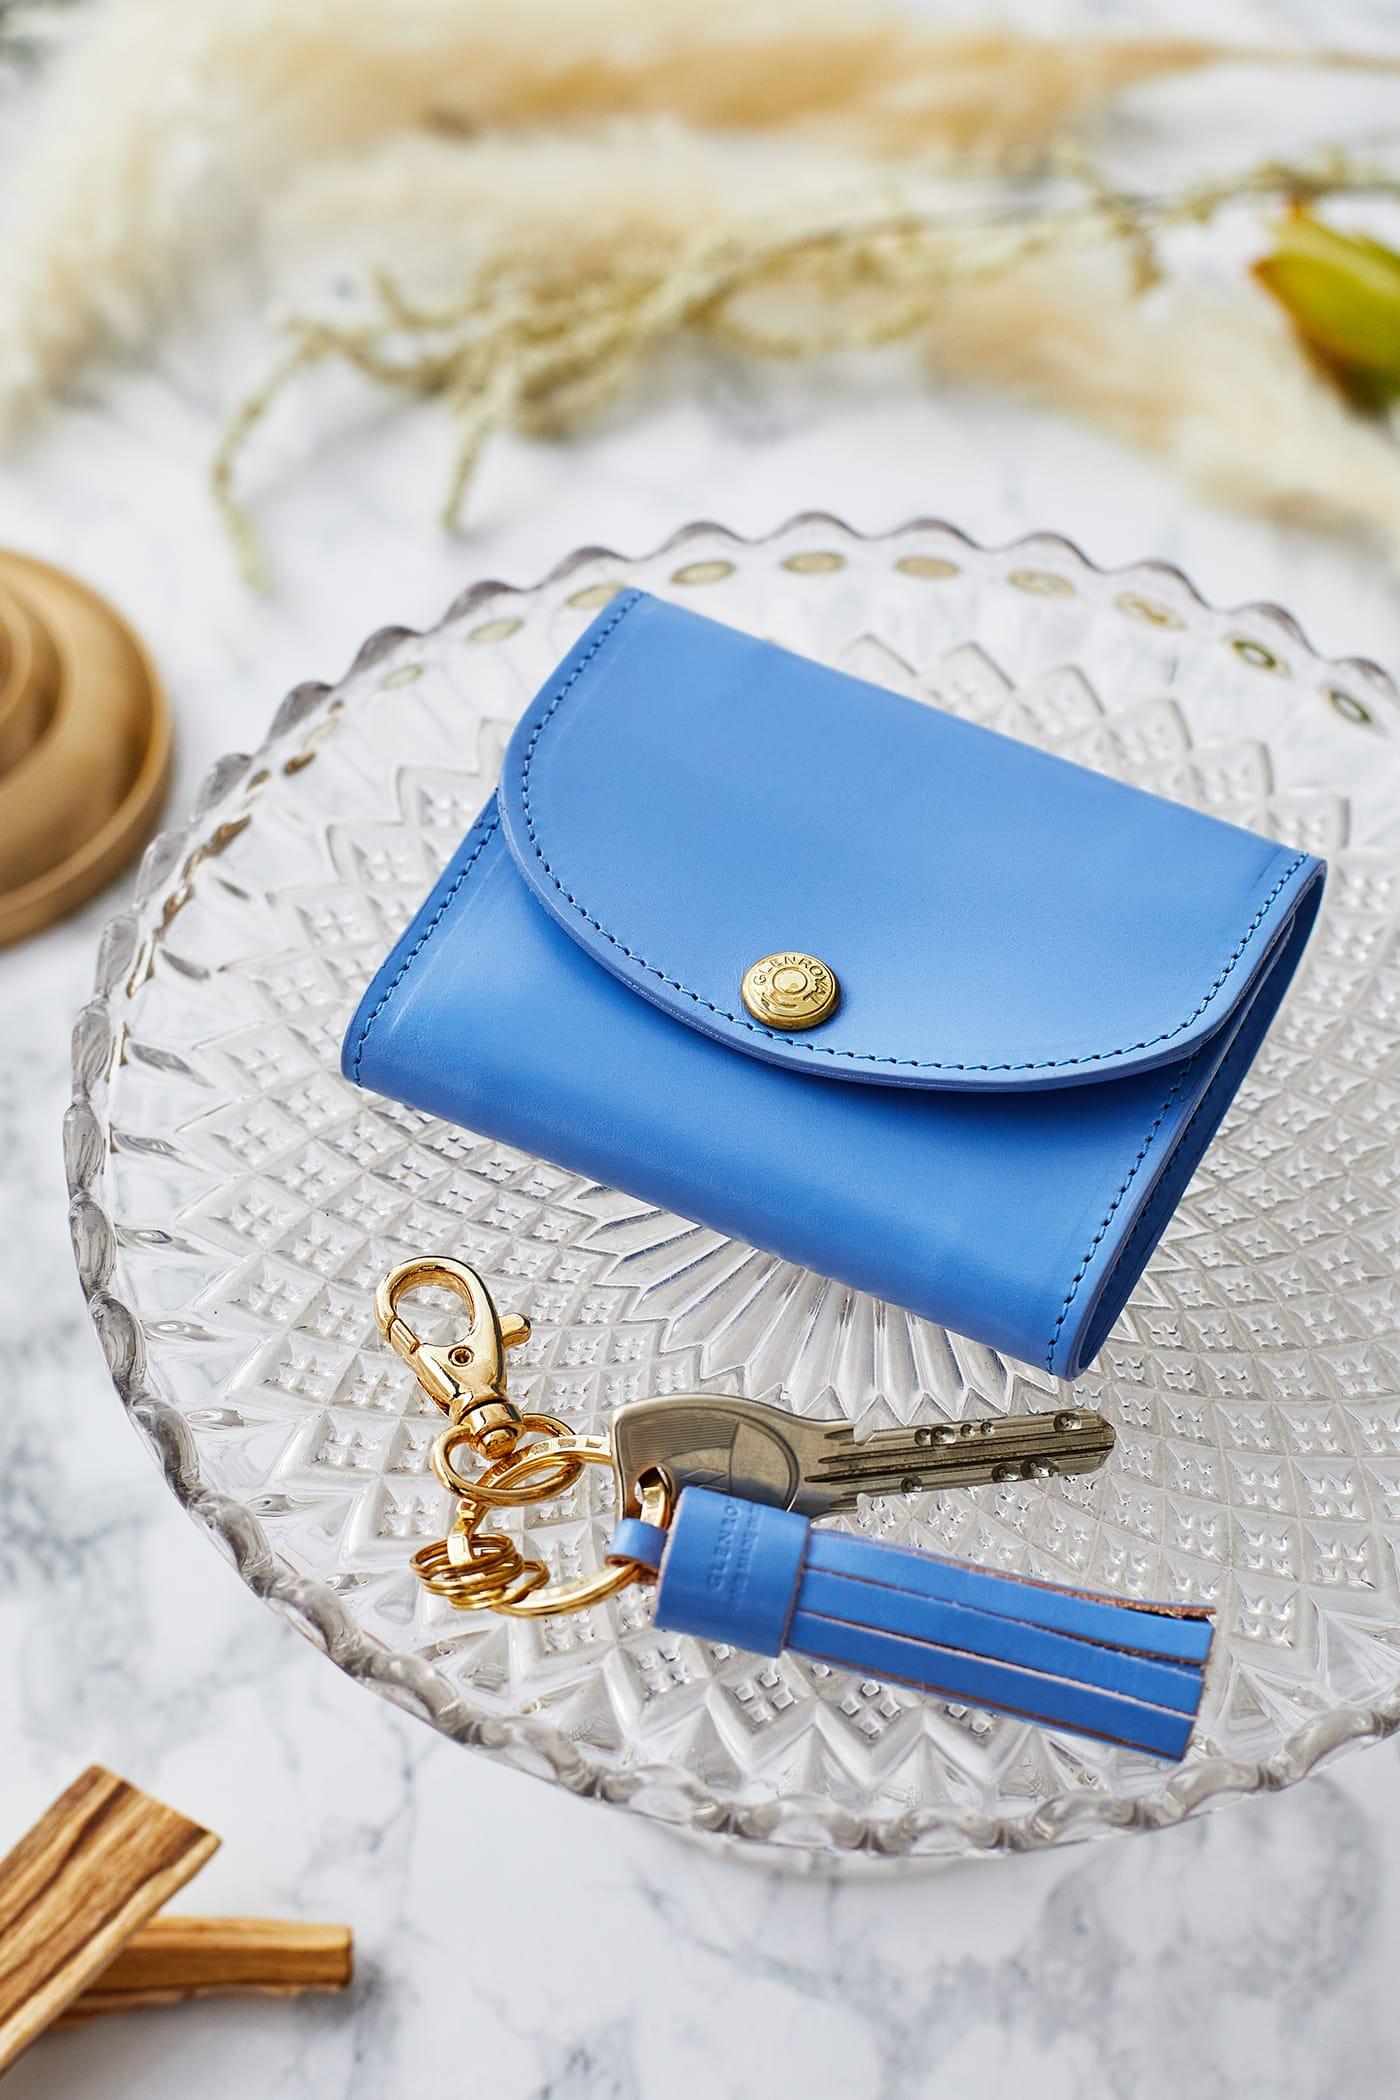 グレンロイヤル 手のひらサイズのミニ財布 FLAP SMALL PURSE